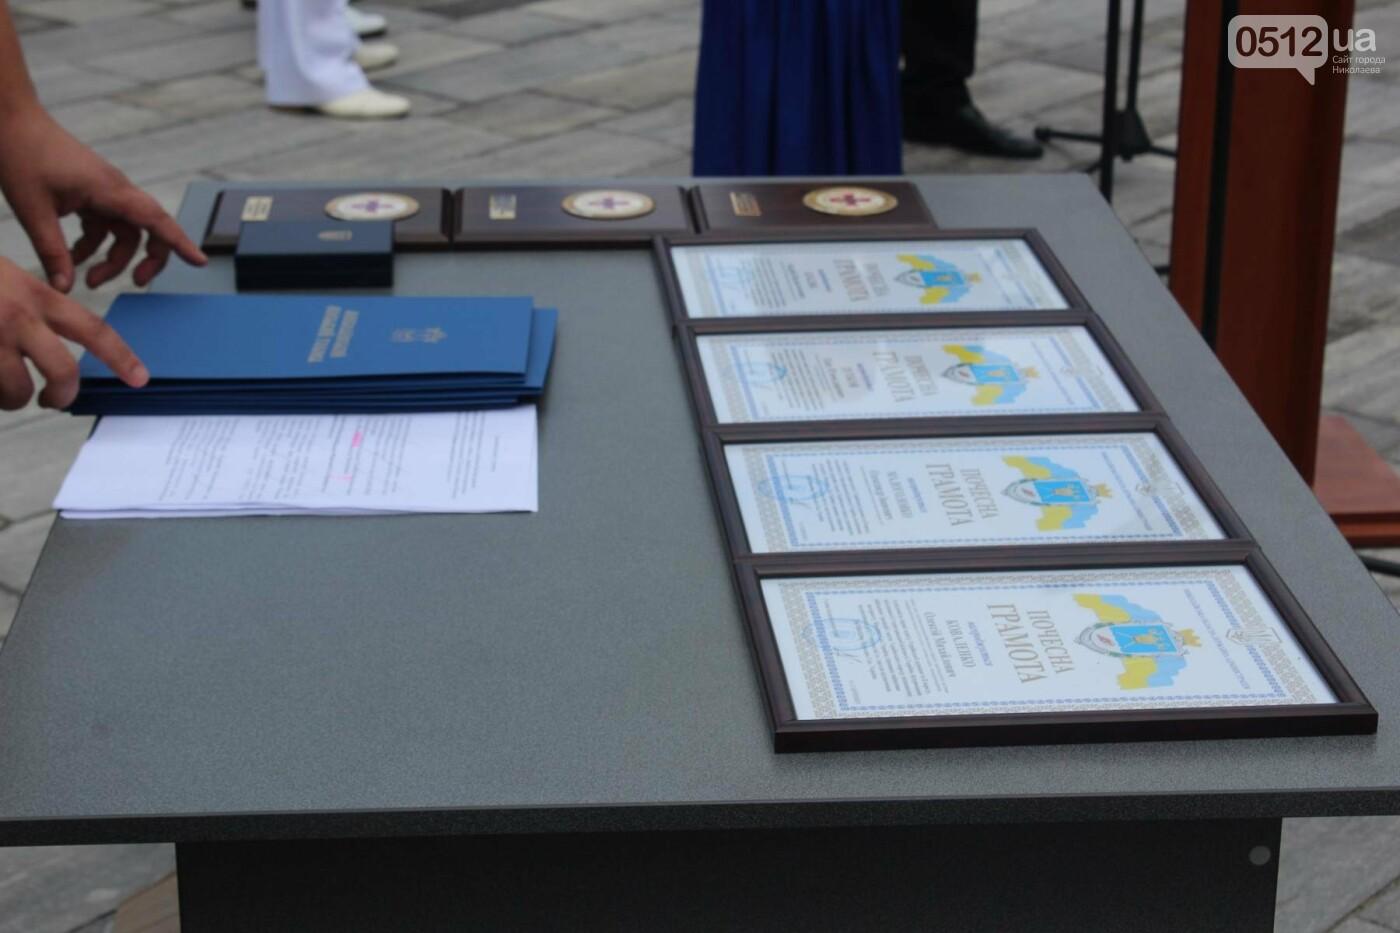 Полевая кухня, марш военных и выставка техники: как в Николаеве отмечали День ВМС Украины, фото-4